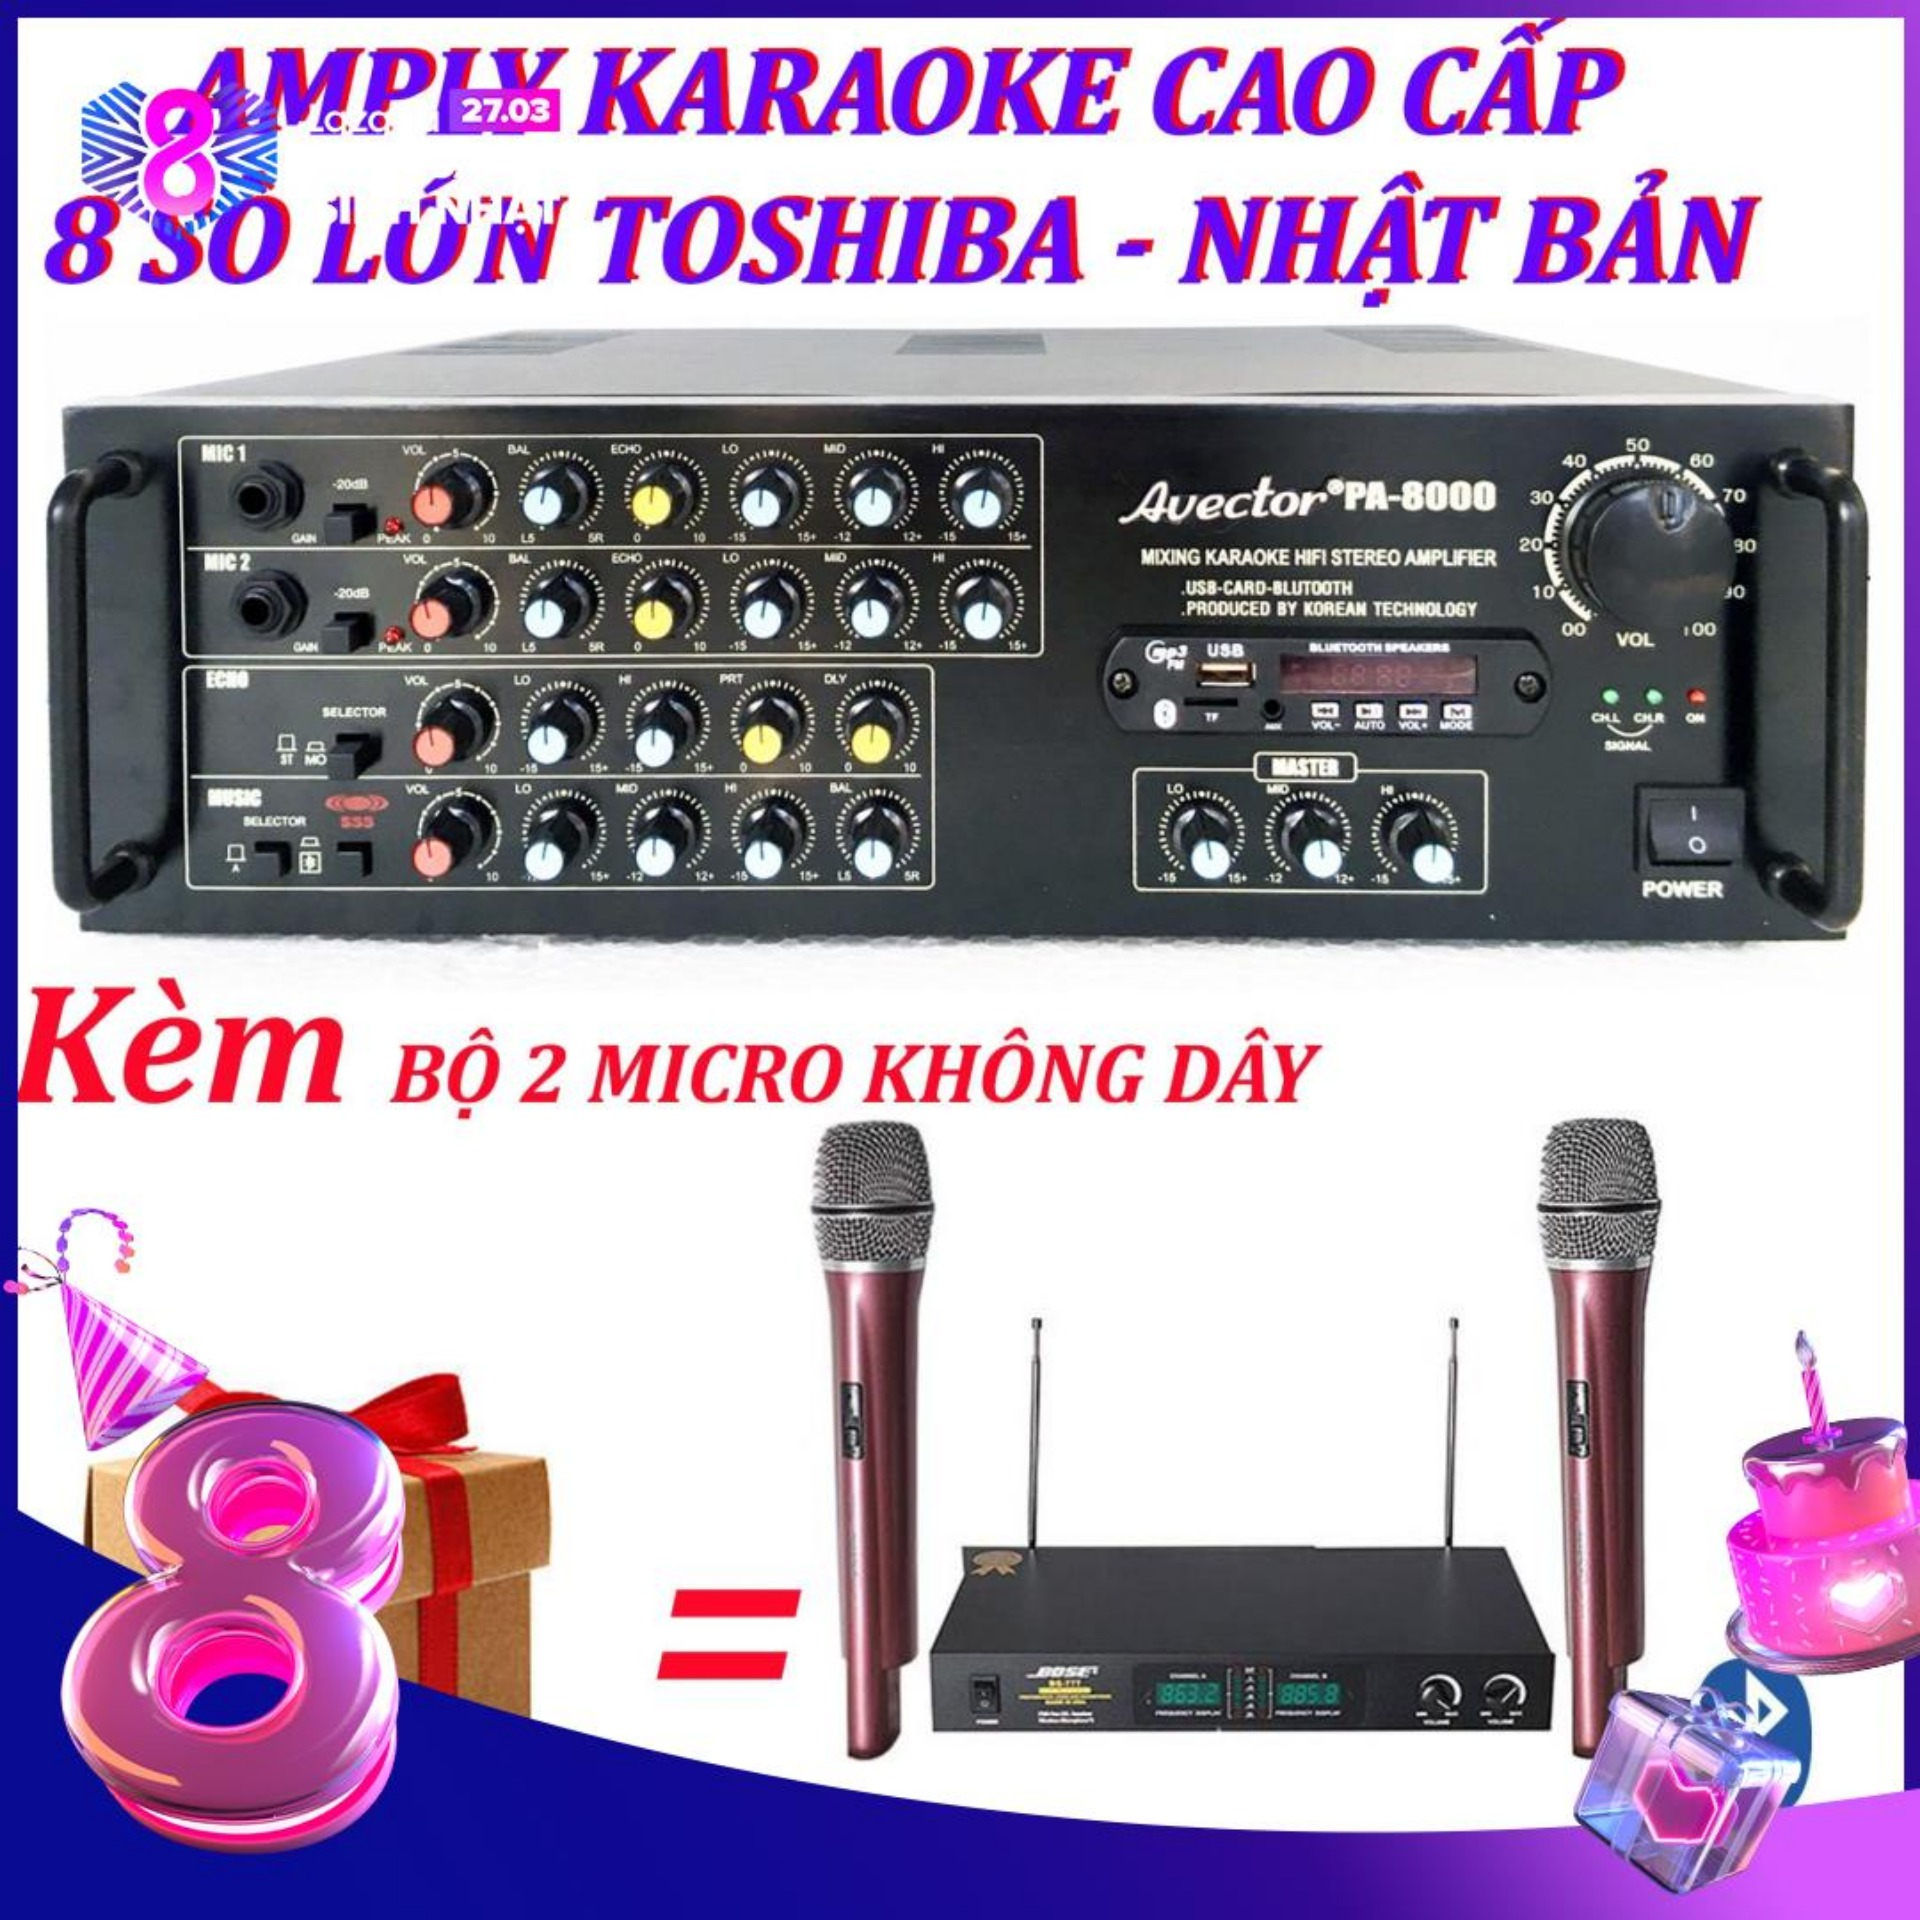 Amply karaoke ampli karaoke amply bluetooth nghe nhạc amply hat karaoke AVECTOR 8000 kèm 2 micro không dây bs777ii